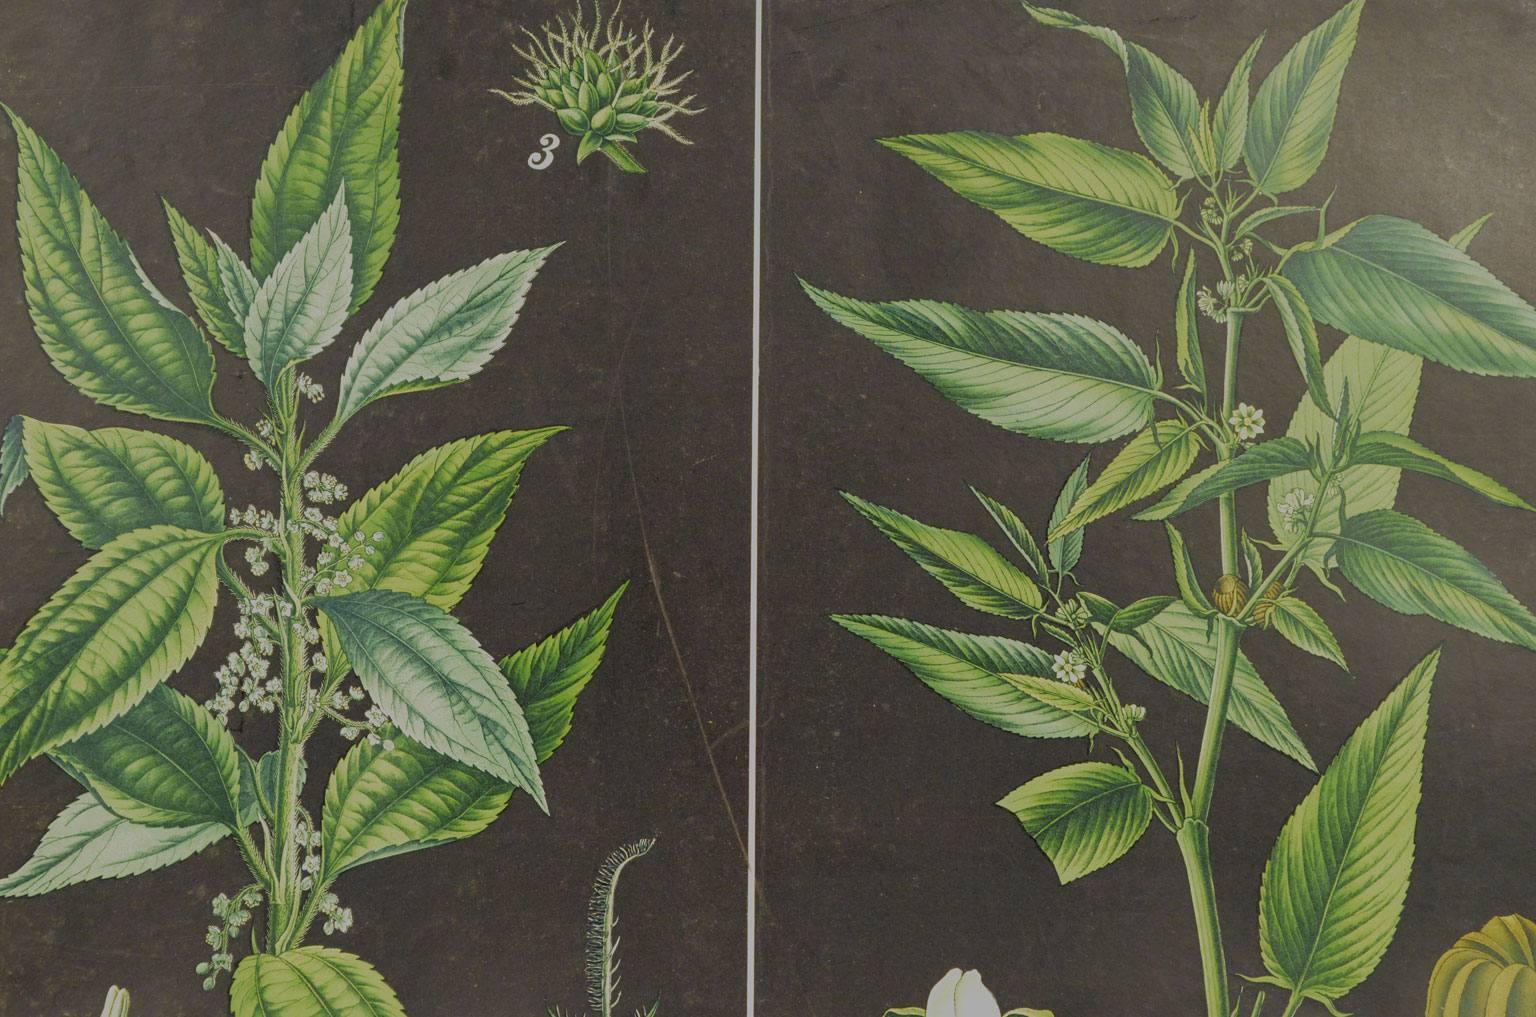 Storia naturale/4187-1-Boehmeria tenacissima